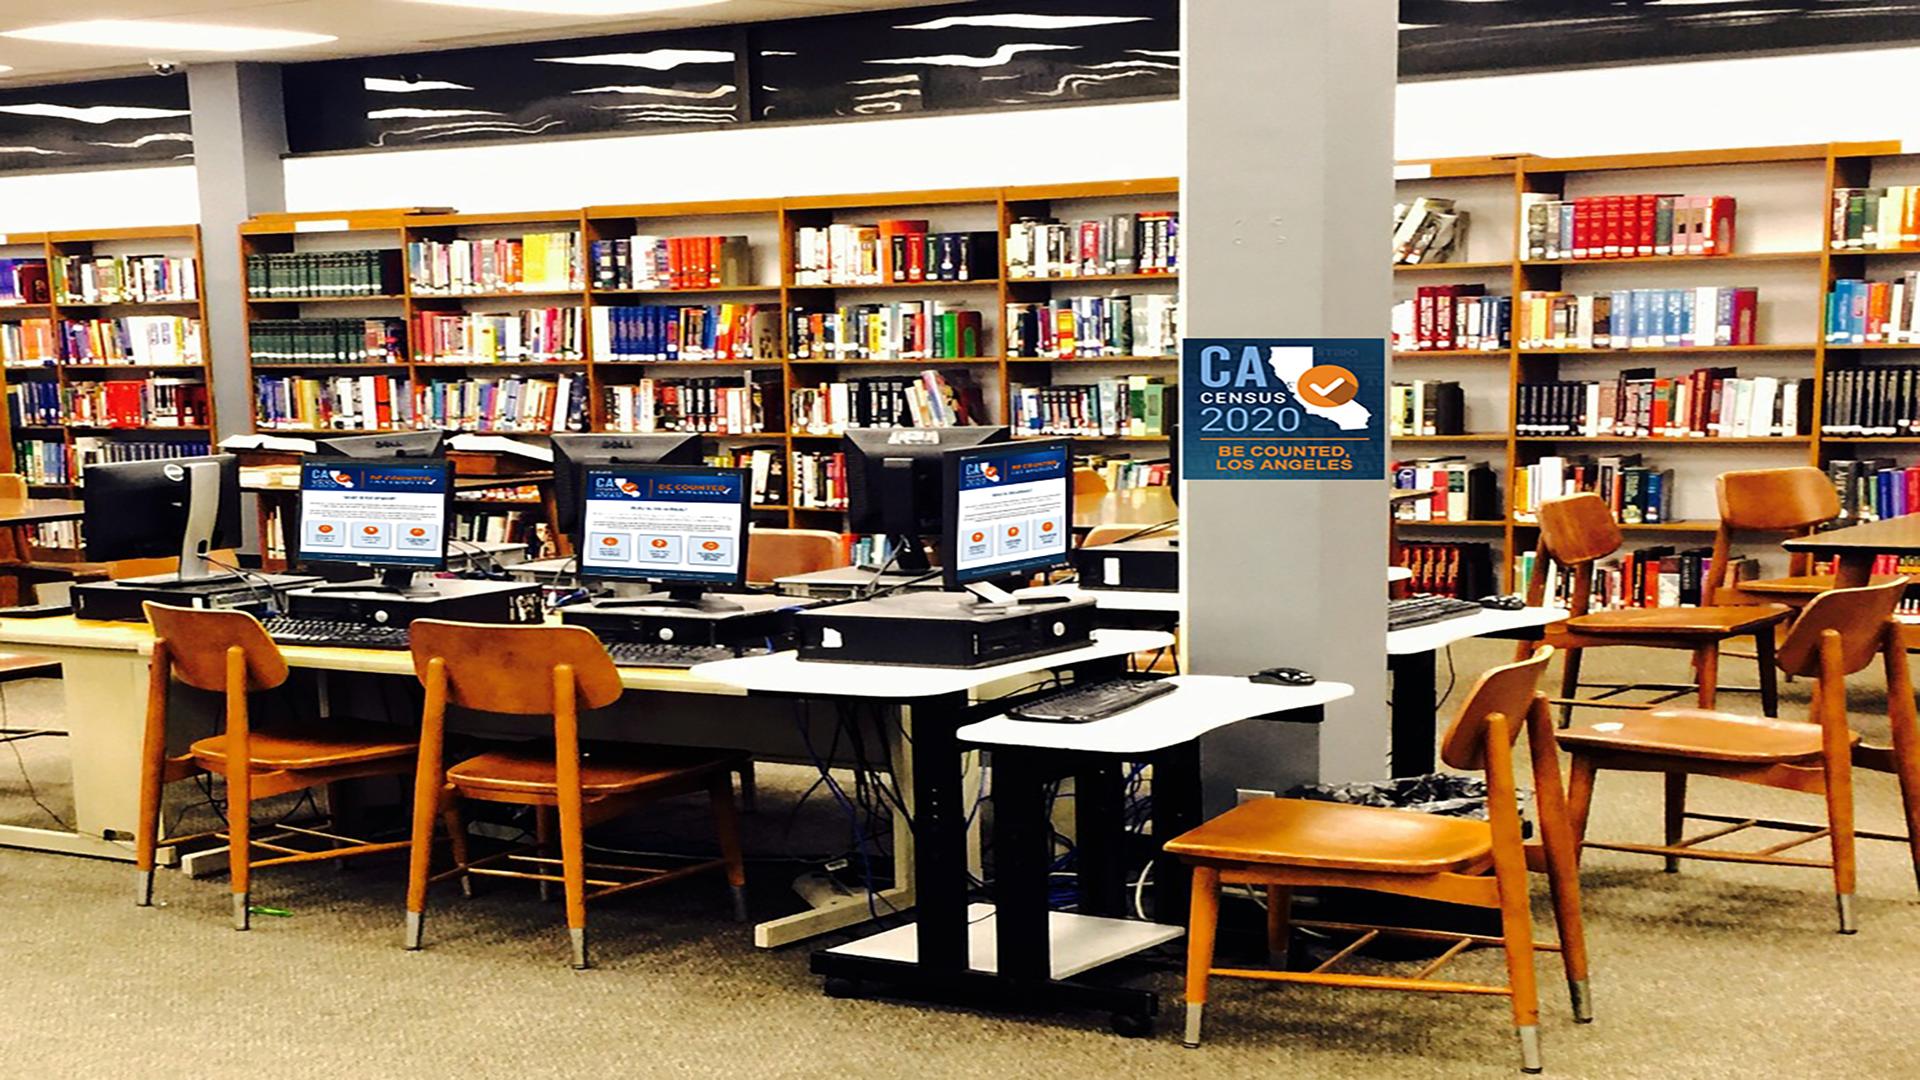 لافتة لمحيط مكتبة مع عدة أجهزة حاسوب تعرض صوراً لشعار خريطة California مع نص تعداد 2020 كن معدوداً Los Angeles.